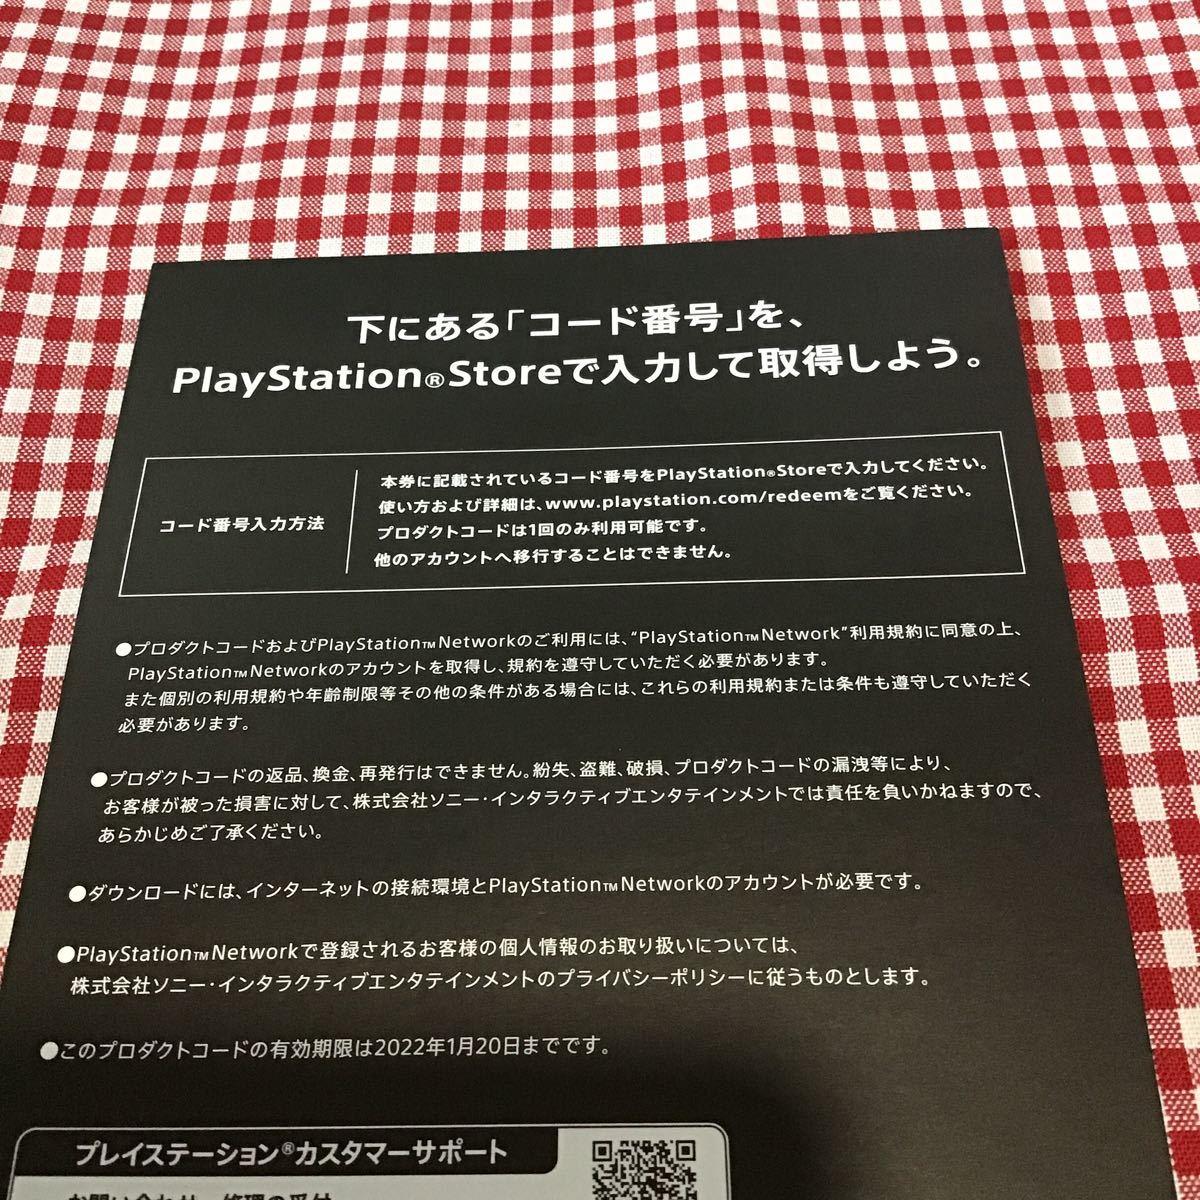 PS5 「 ゴーストオブツシマ ディレクターズカット 」特典 「 ミニサントラ&アートブック 」プロダクトコード ソフトなし Ghost of Tsushima_画像2